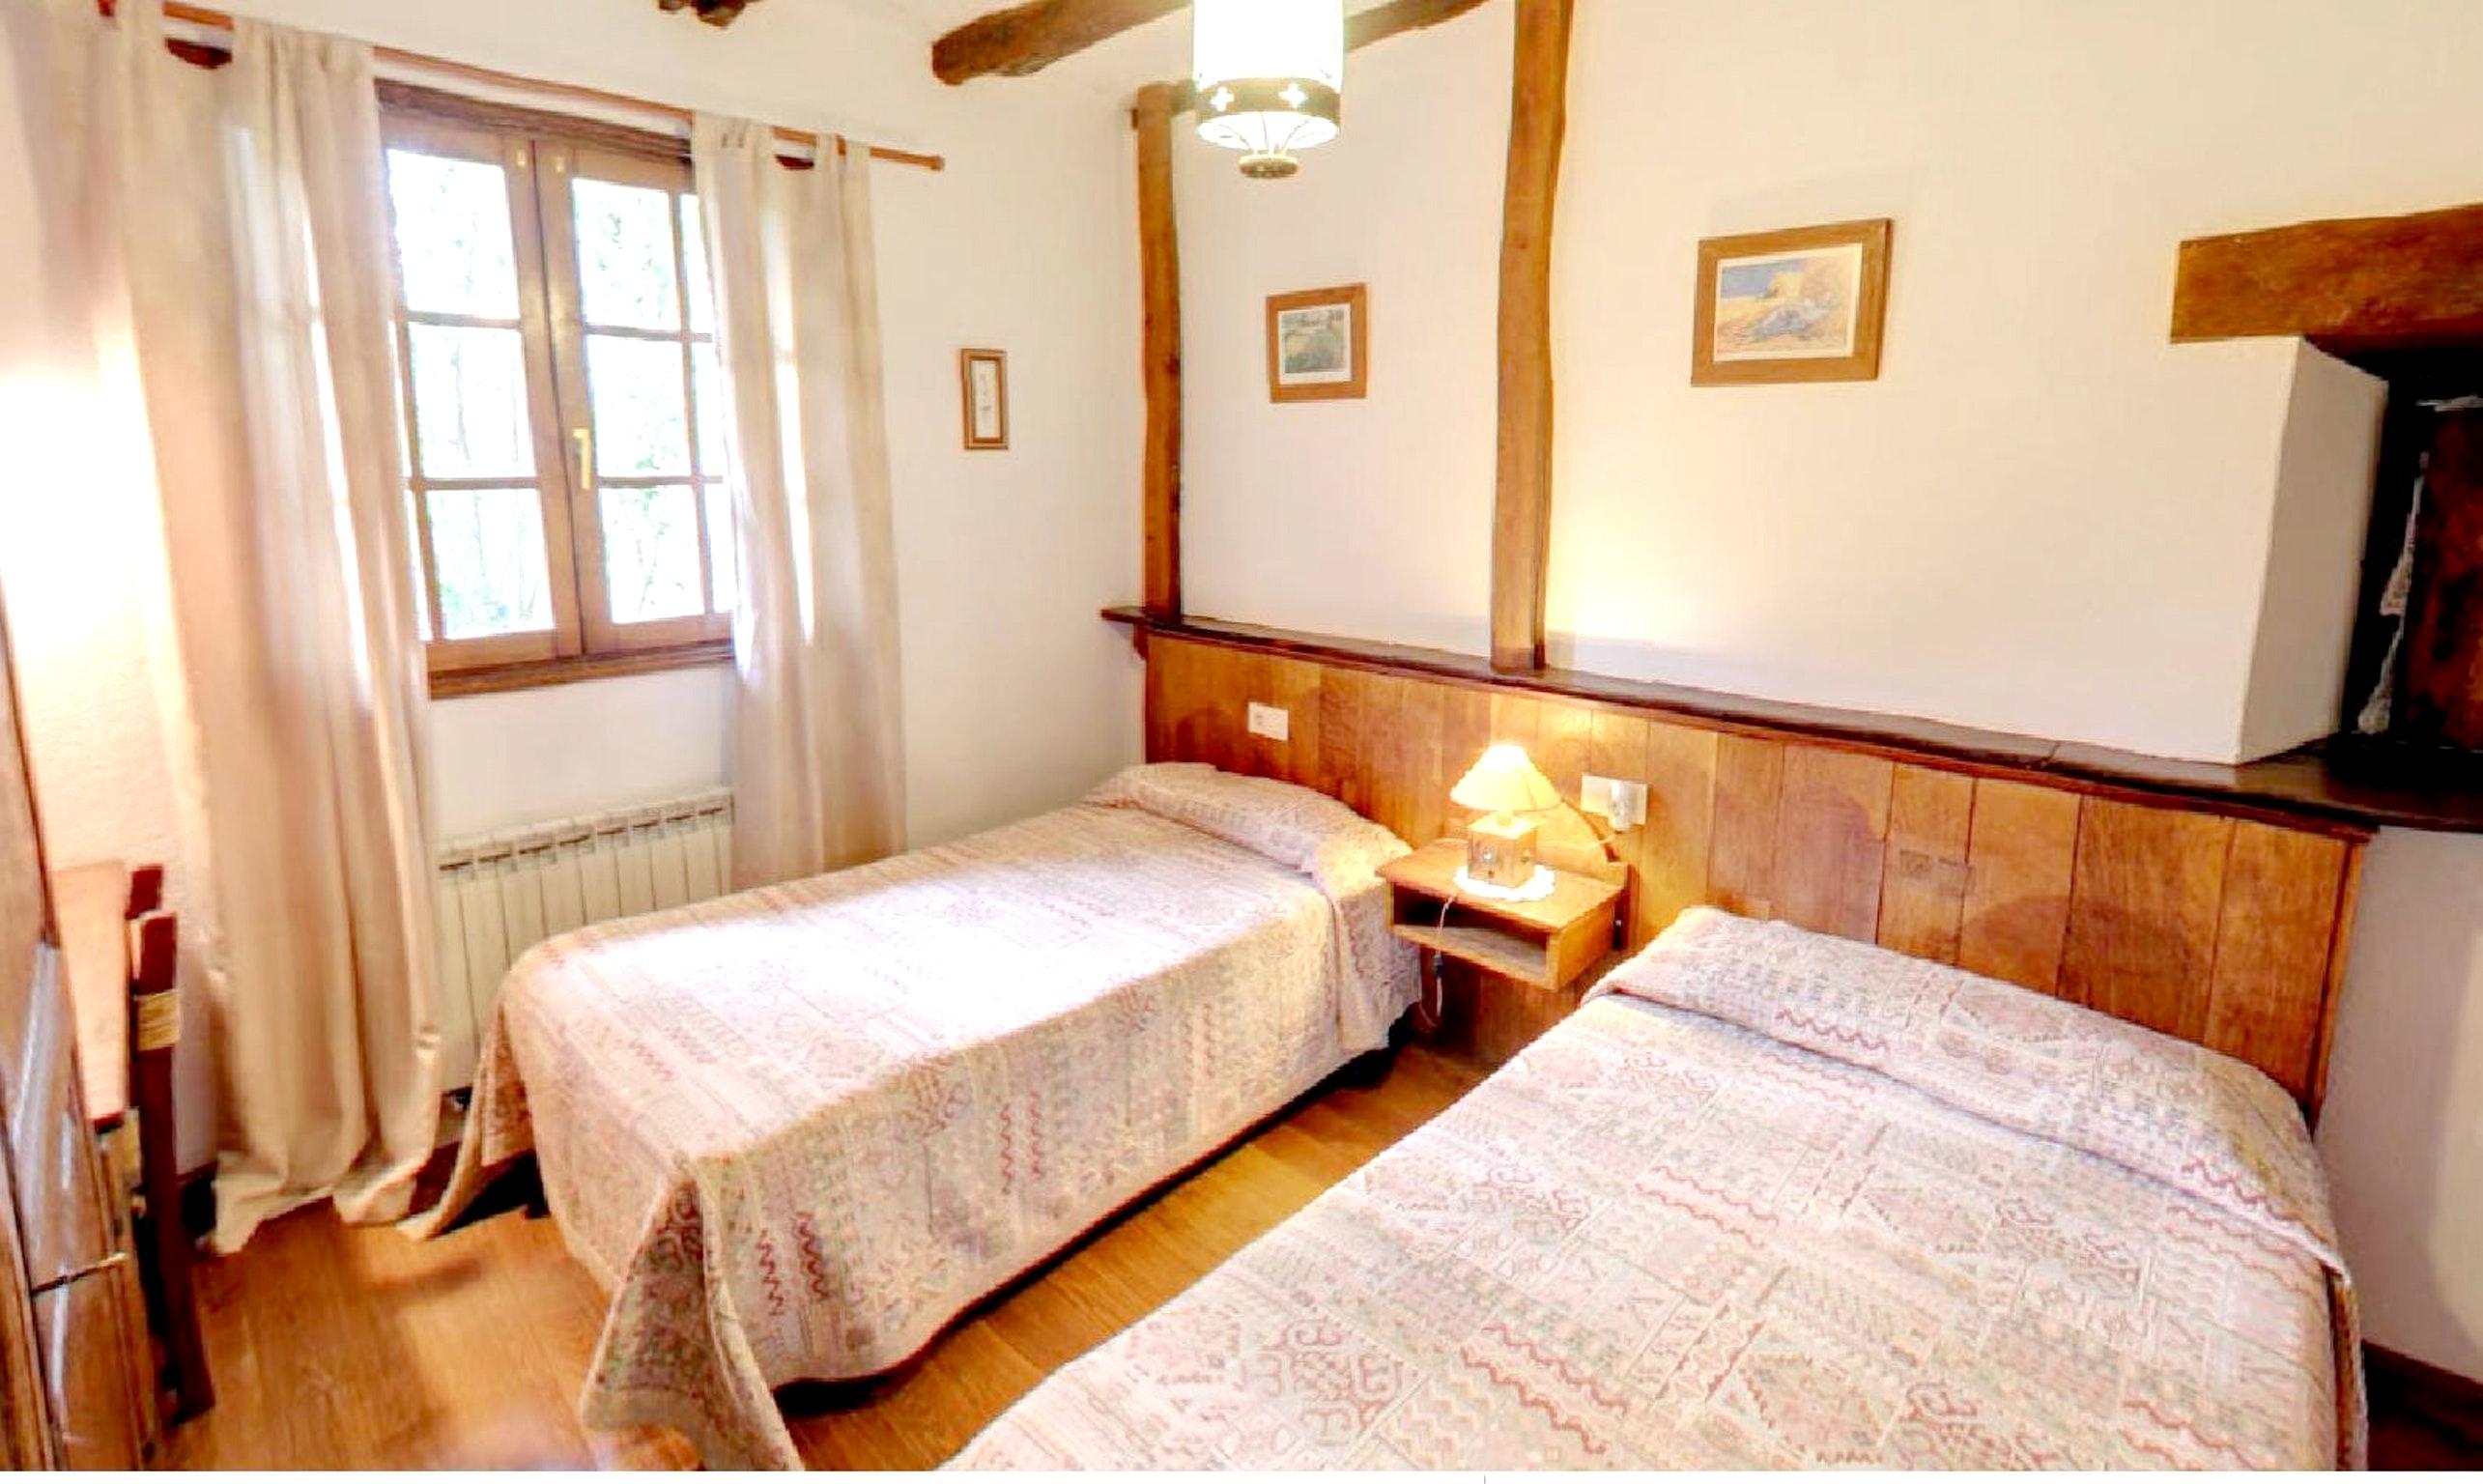 Ferienhaus Haus mit 6 Schlafzimmern in Lizaso mit eingezäuntem Garten und W-LAN - 500 m vom Strand en (2599807), Lizaso, , Navarra, Spanien, Bild 11